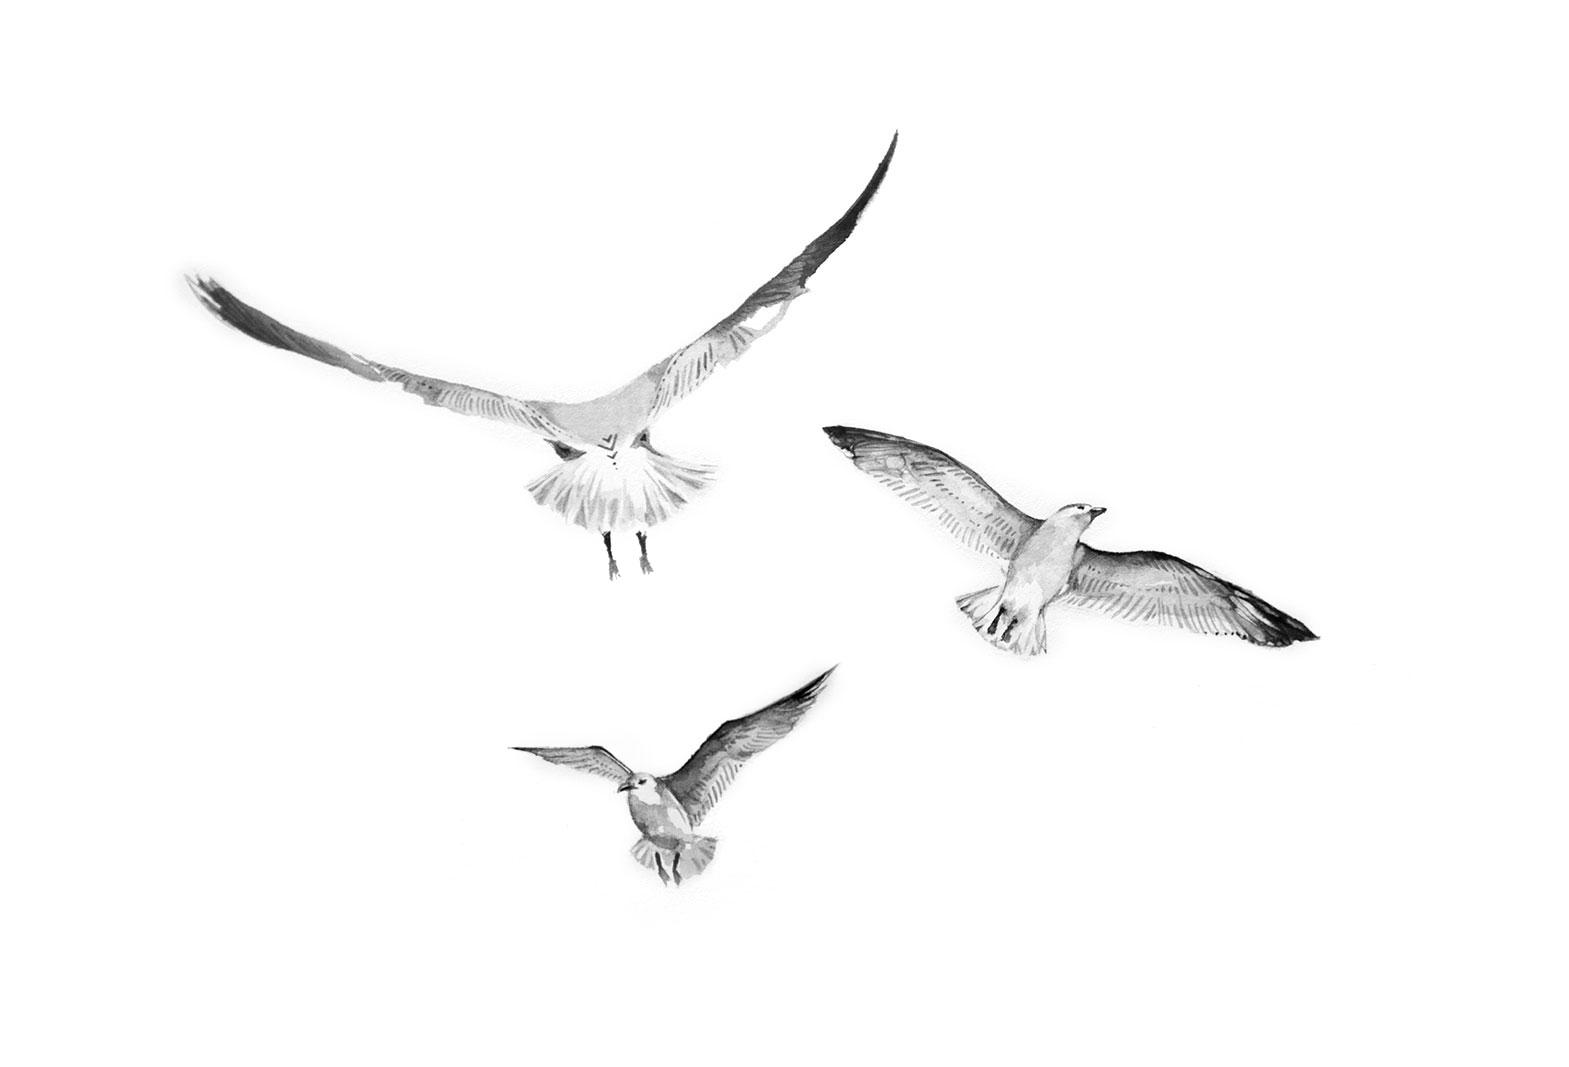 bec_kilpatrick_birds